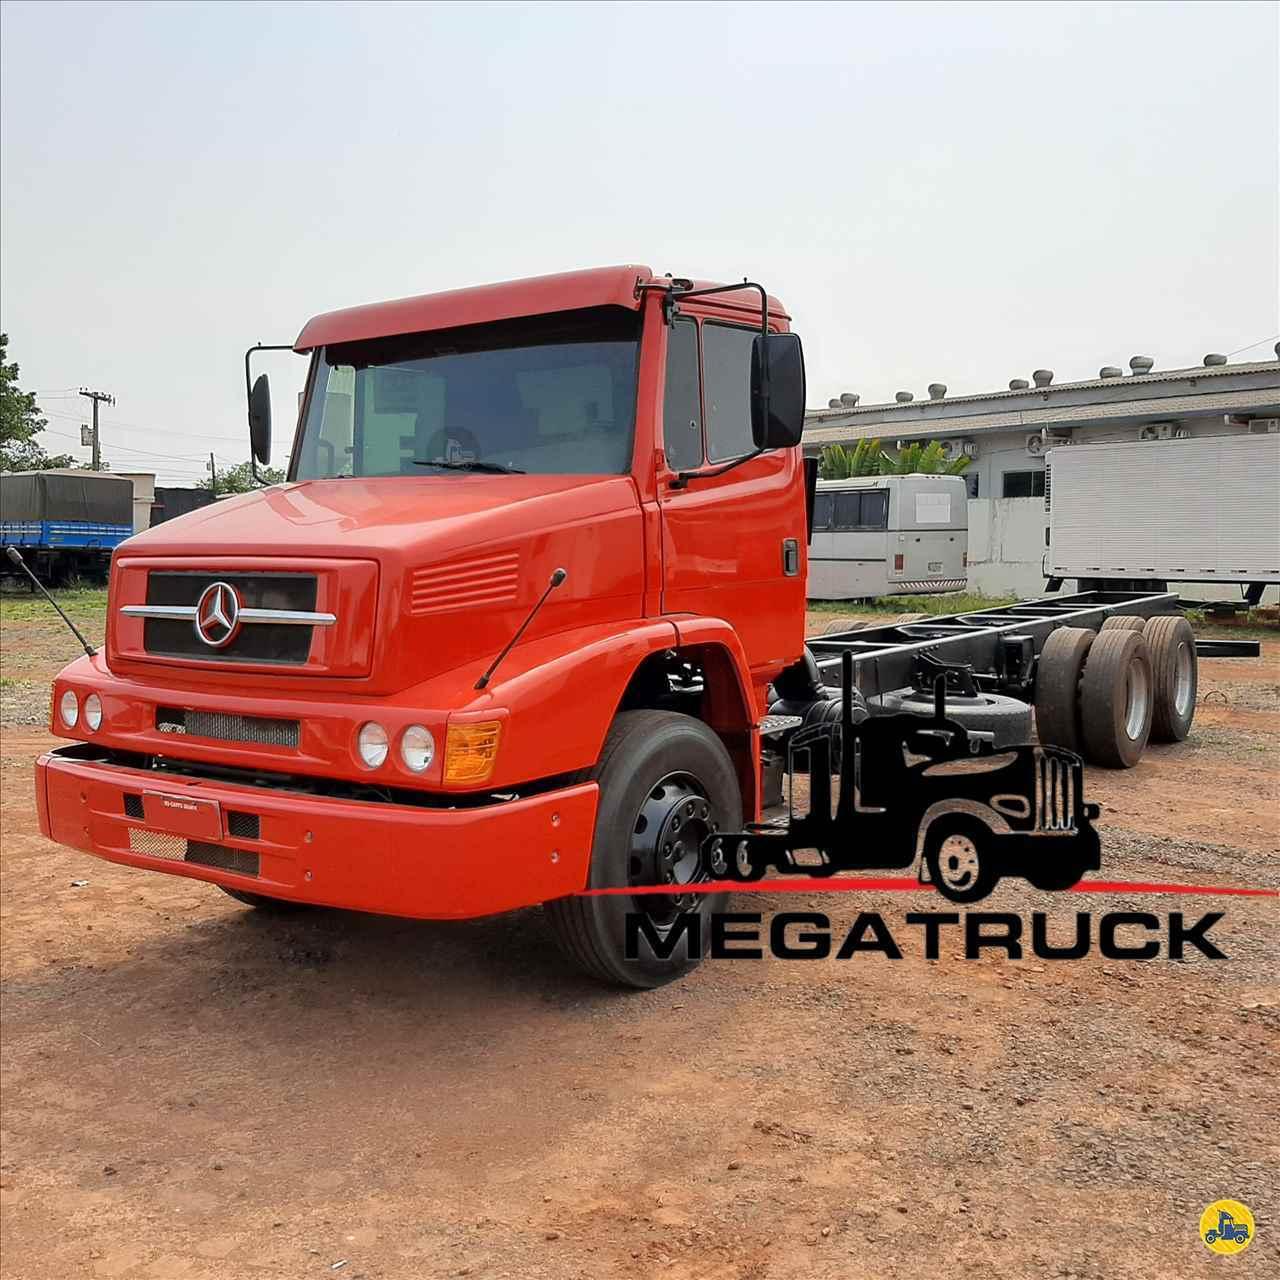 CAMINHAO MERCEDES-BENZ MB 1620 Chassis Truck 6x2 Megatruck Caminhões e Máquinas CAMPO GRANDE MATO GROSSO DO SUL MS